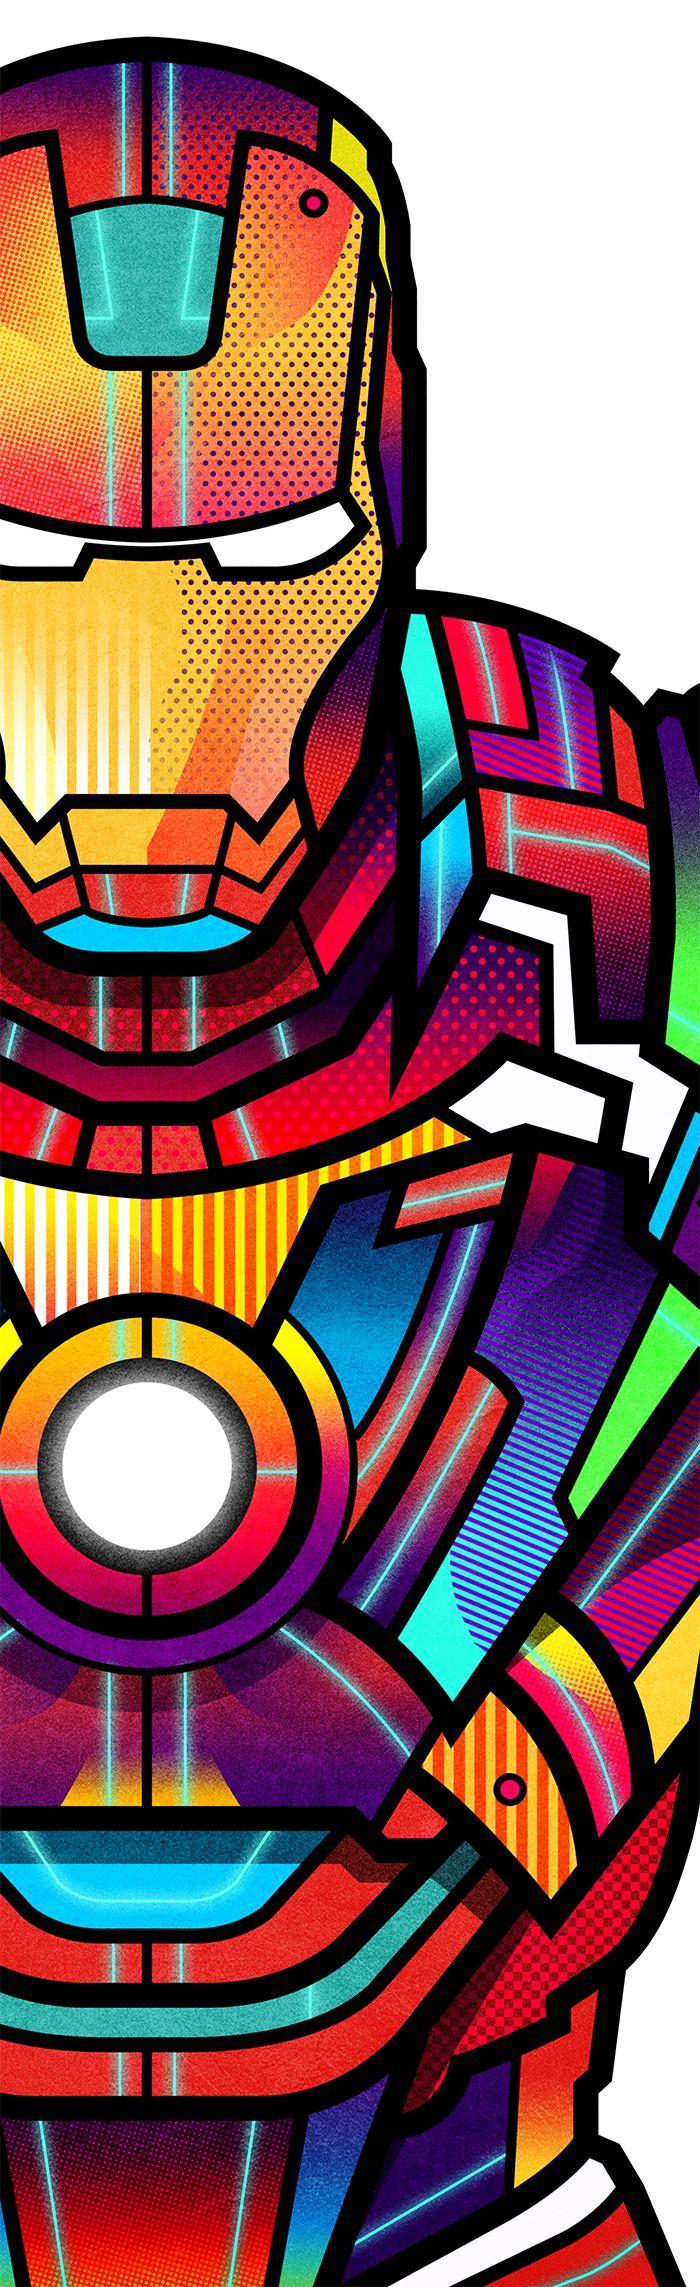 Marvel • Official Art Showcase on Behance